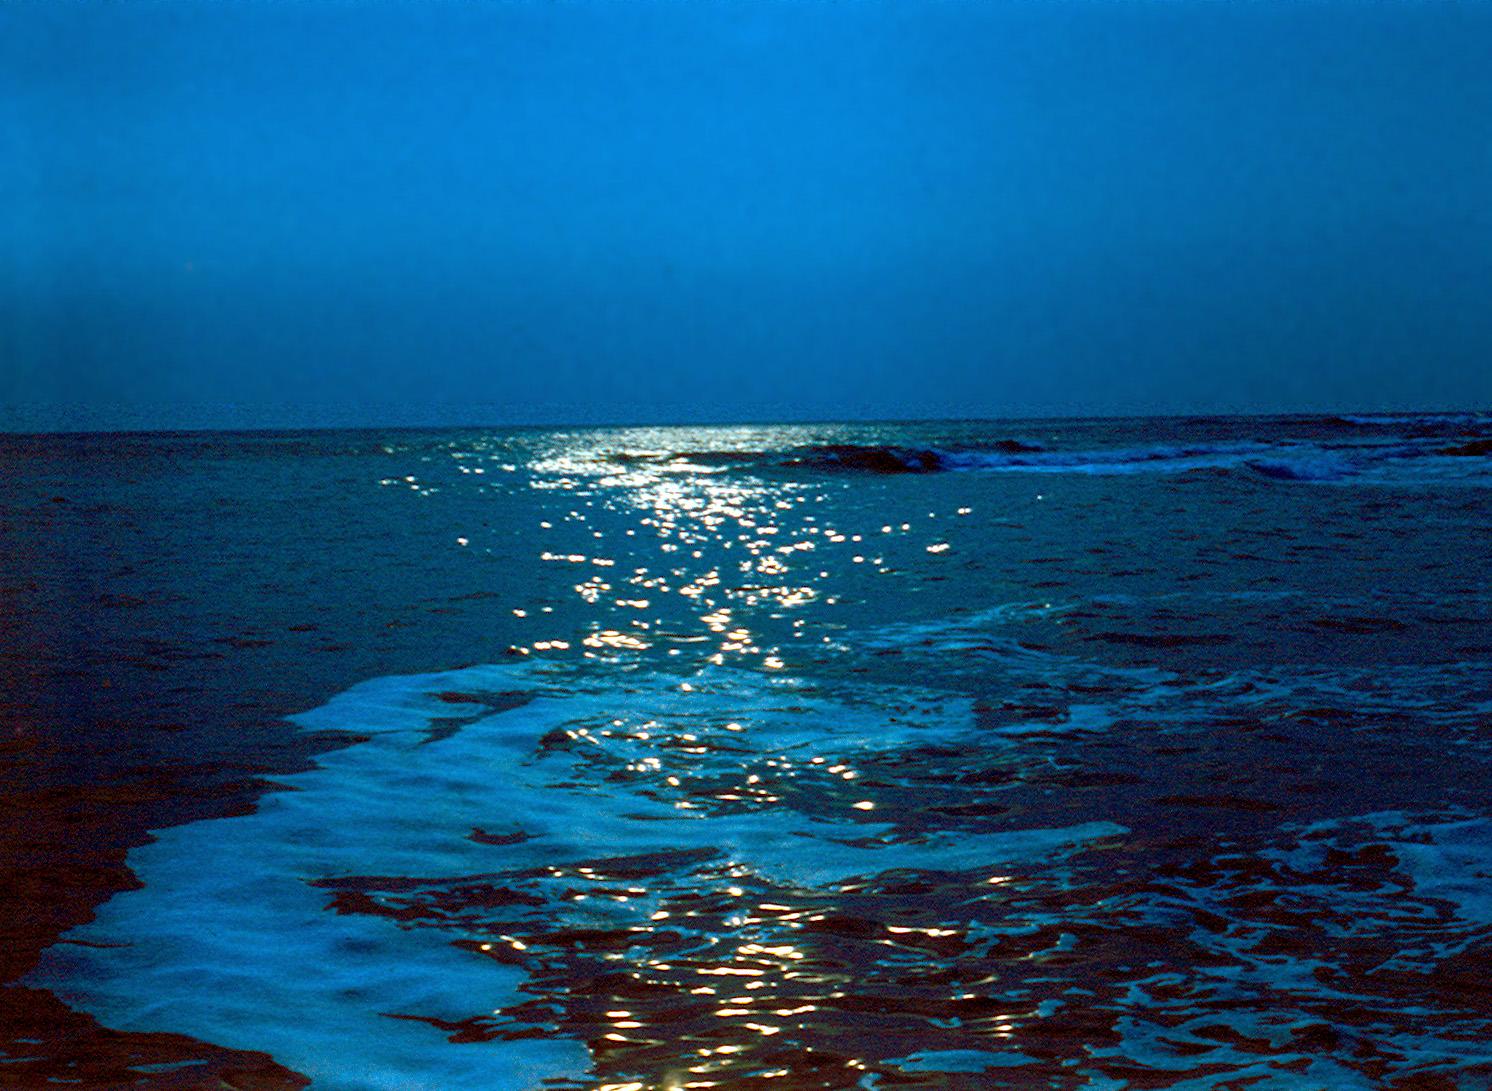 планктон фото на чёрном море